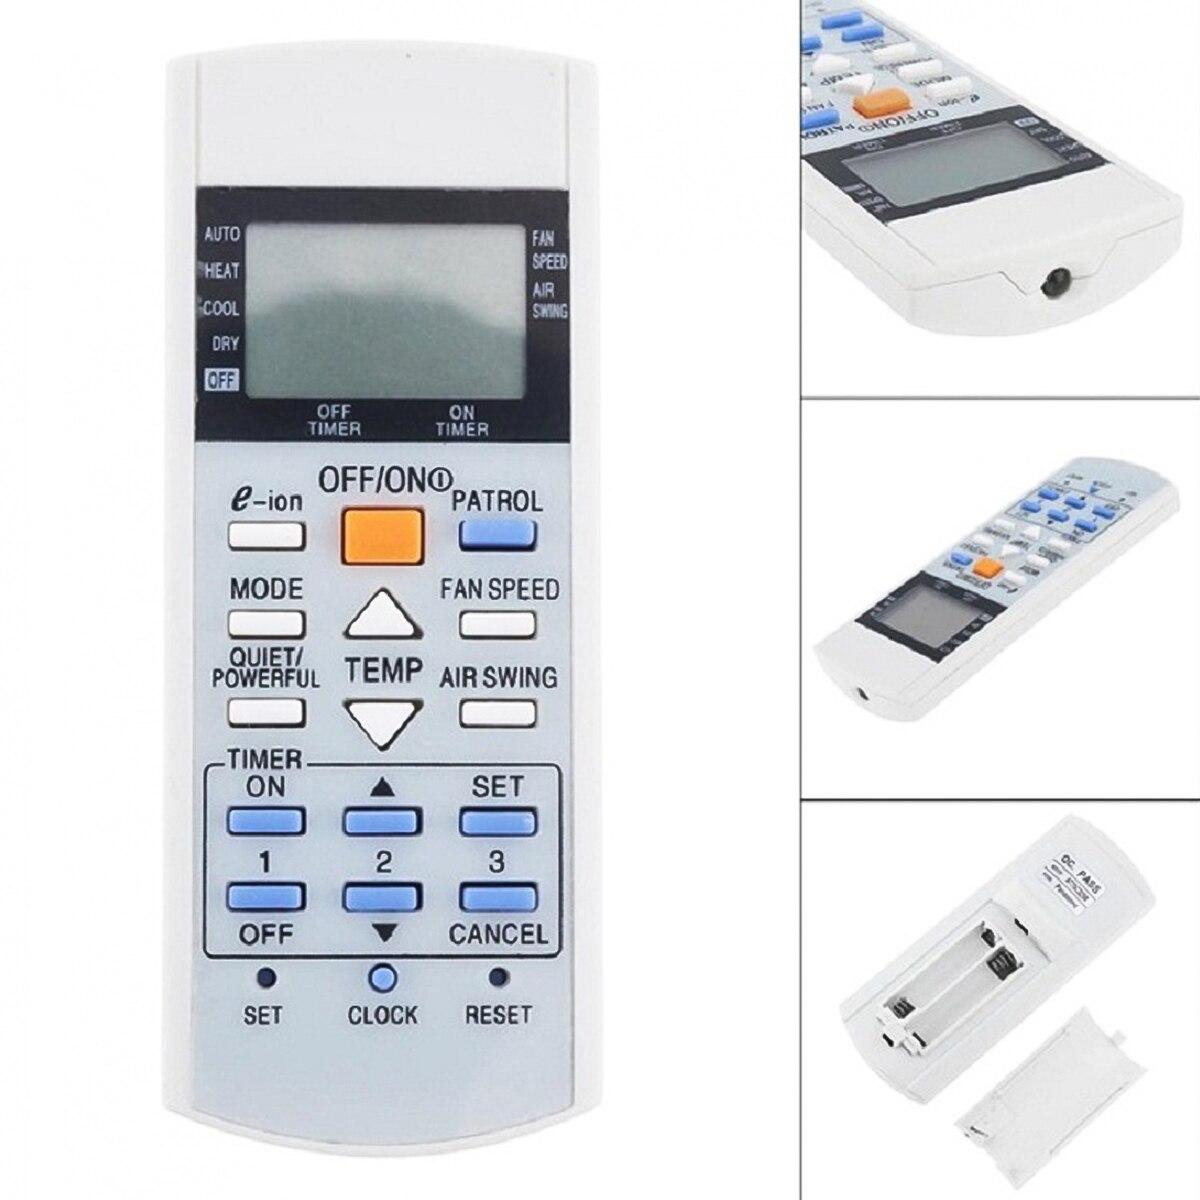 Универсальный пульт дистанционного управления для кондиционера Panasonic A75C3298 A75C2817 A75C3182 A75C2835 A75C3184